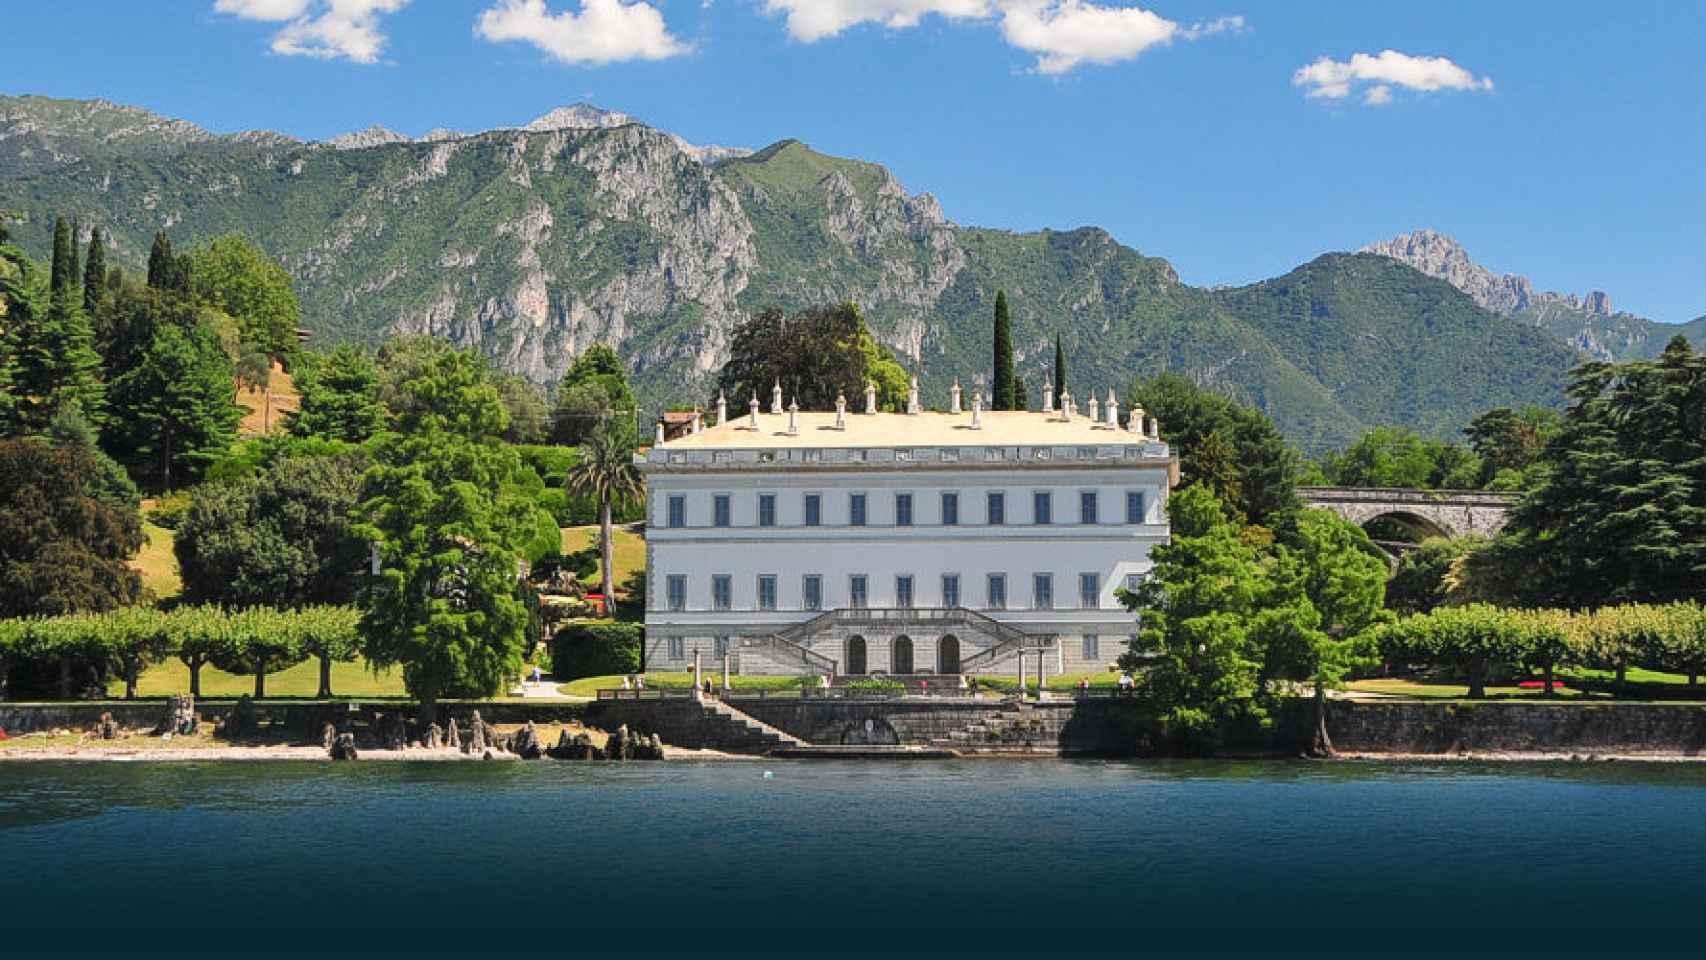 Villa Melzi posee unos jardines de ensueño.